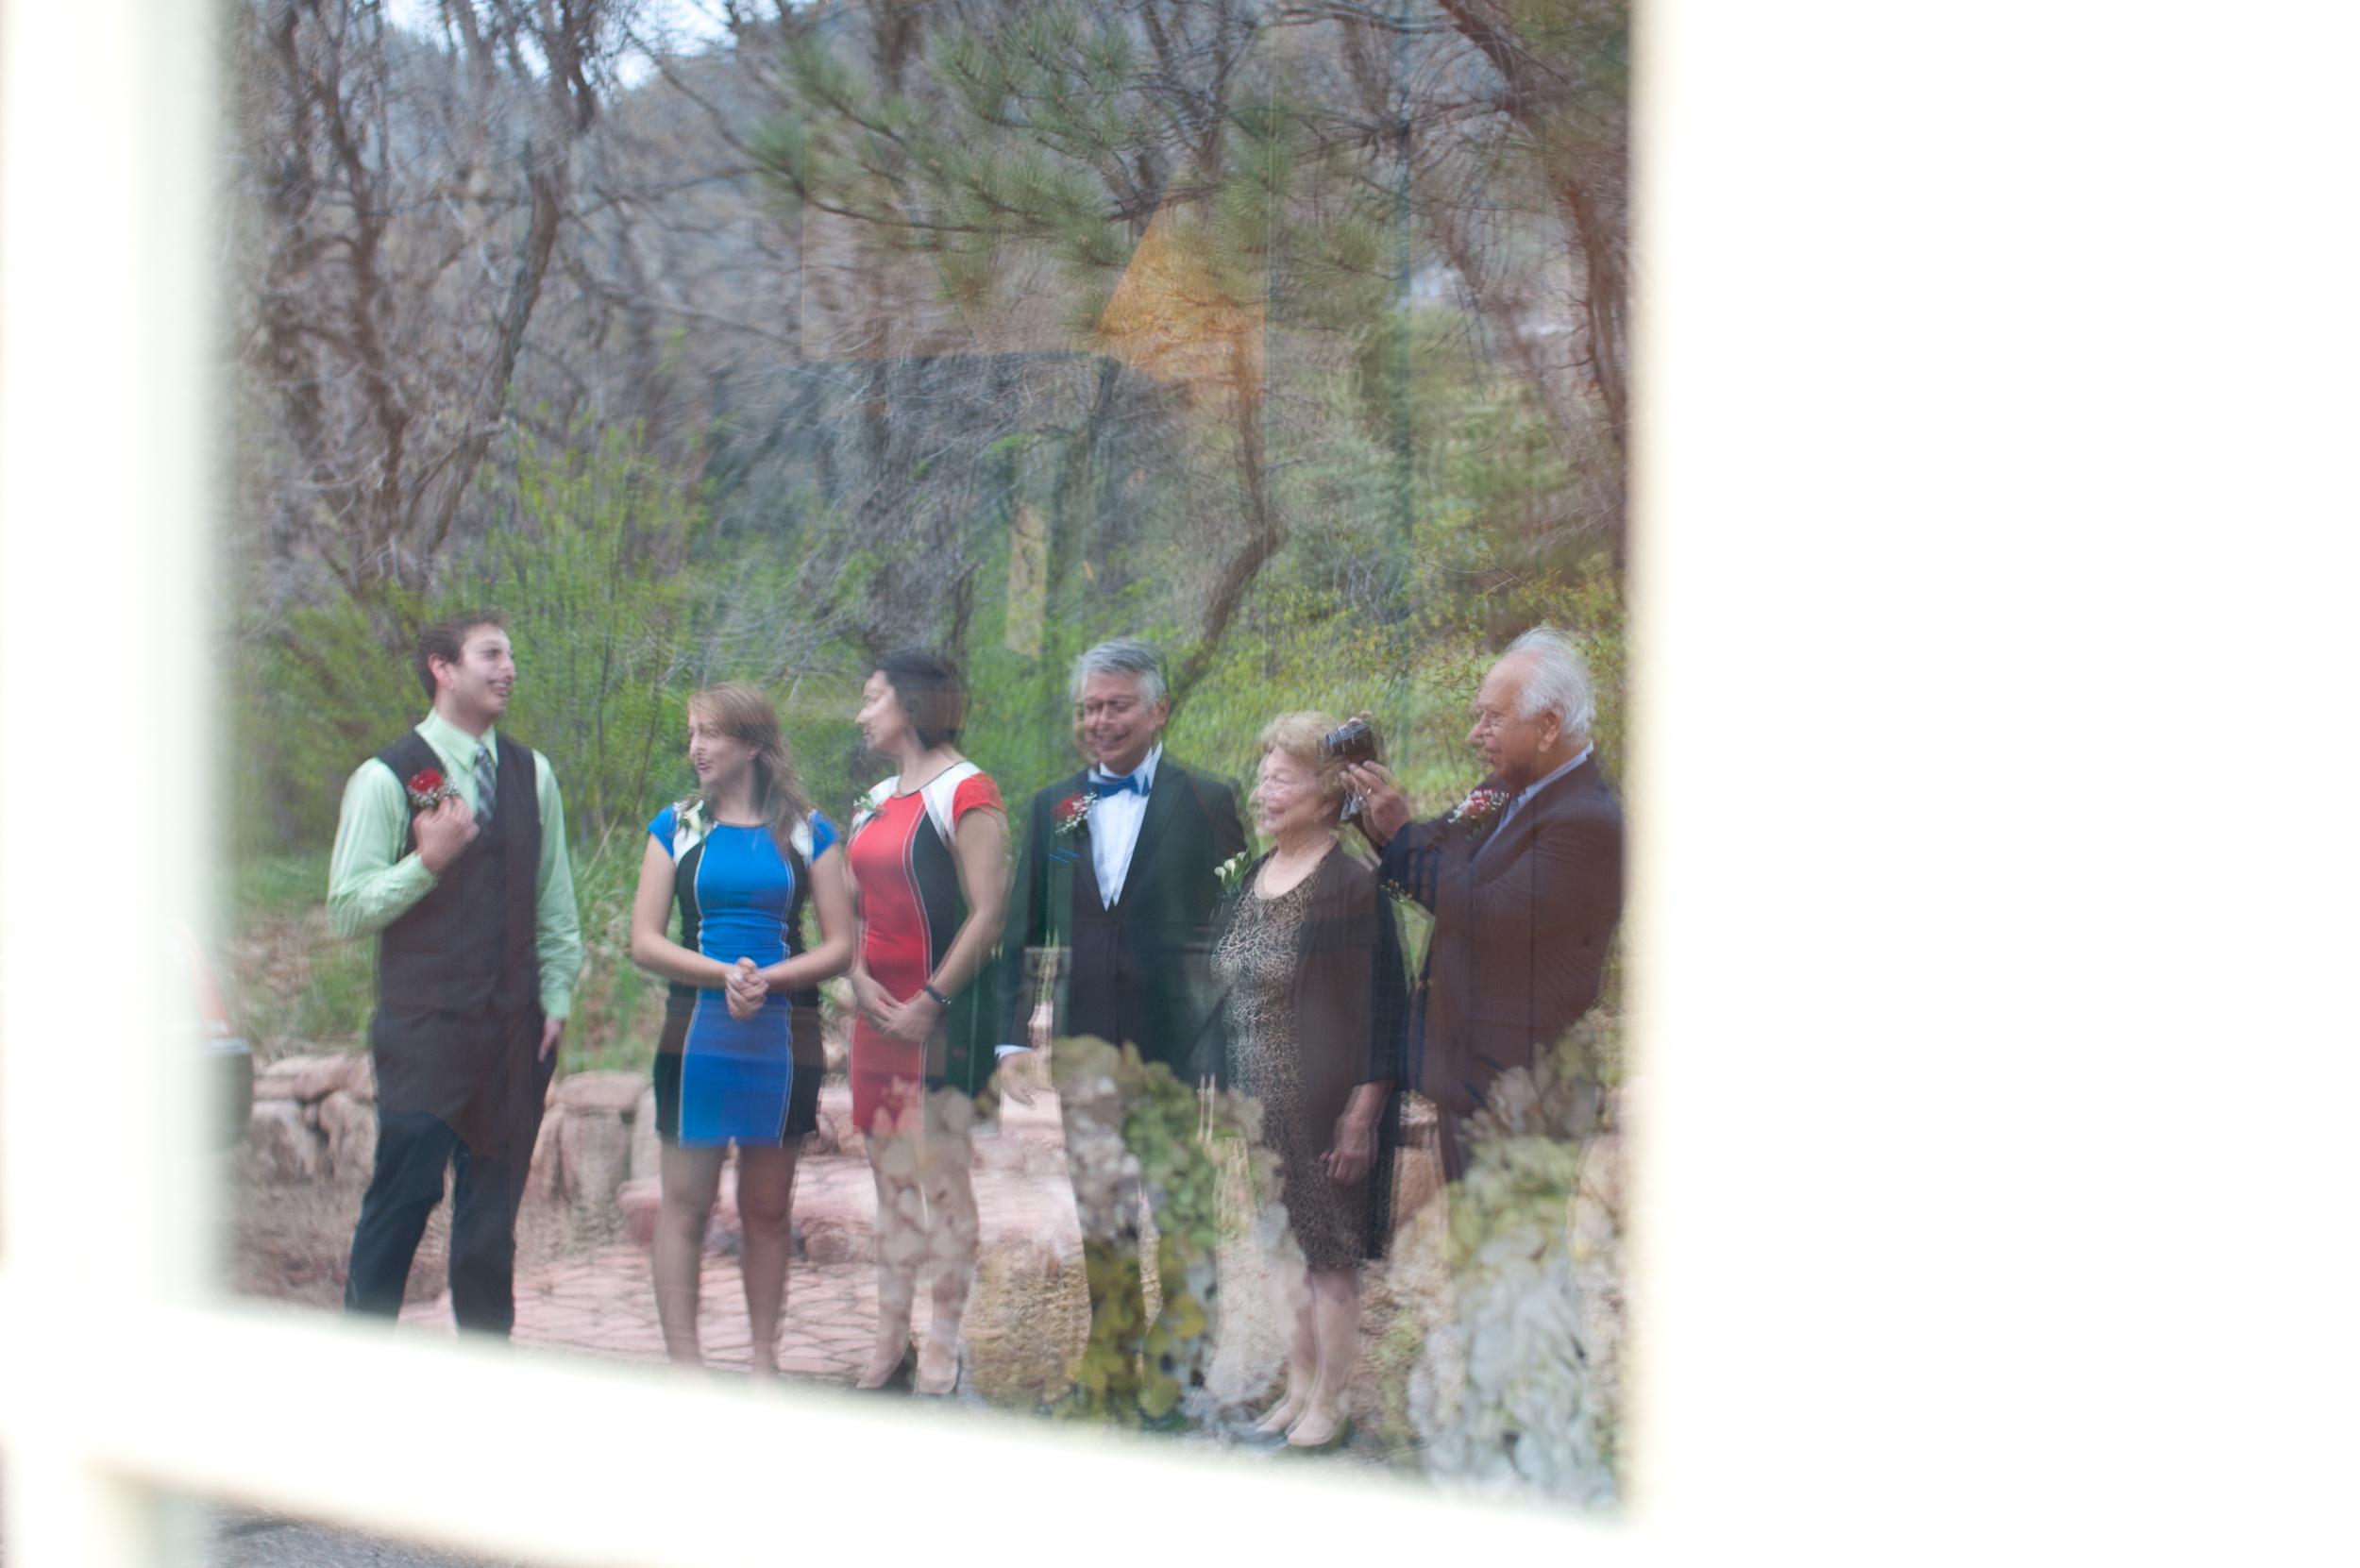 colorado springs wedding officiant